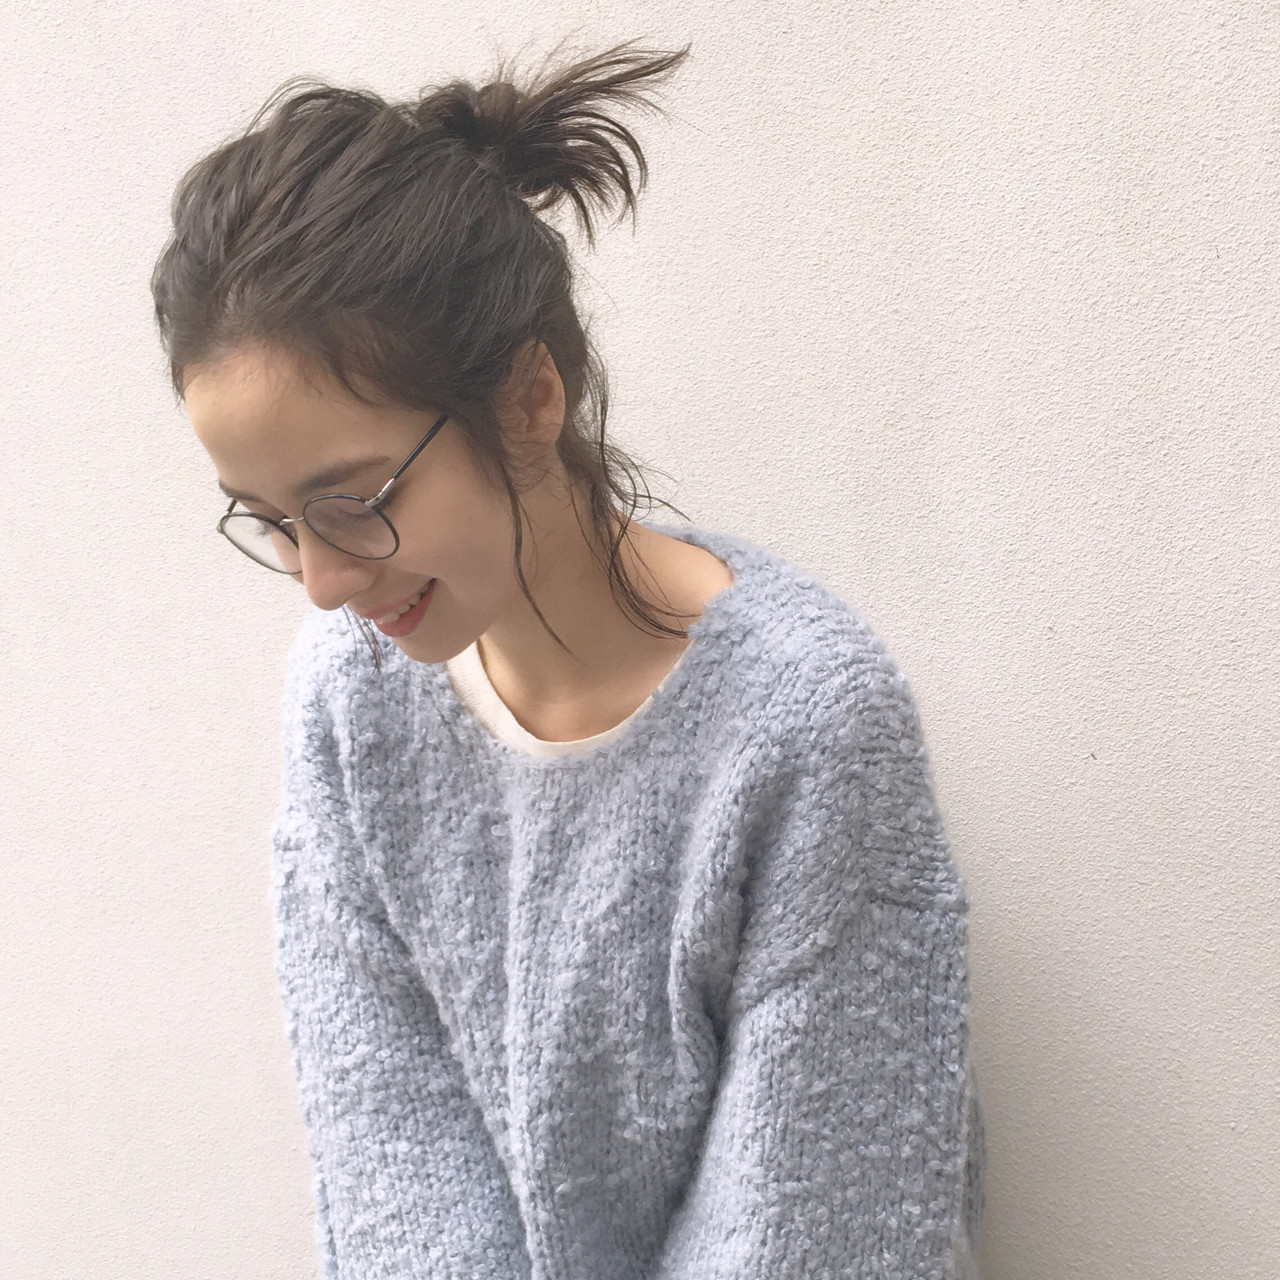 オシャレ度UP間違いなし♡髪のマンネリ化は小物で吹き飛ばせ。 高田怜奈